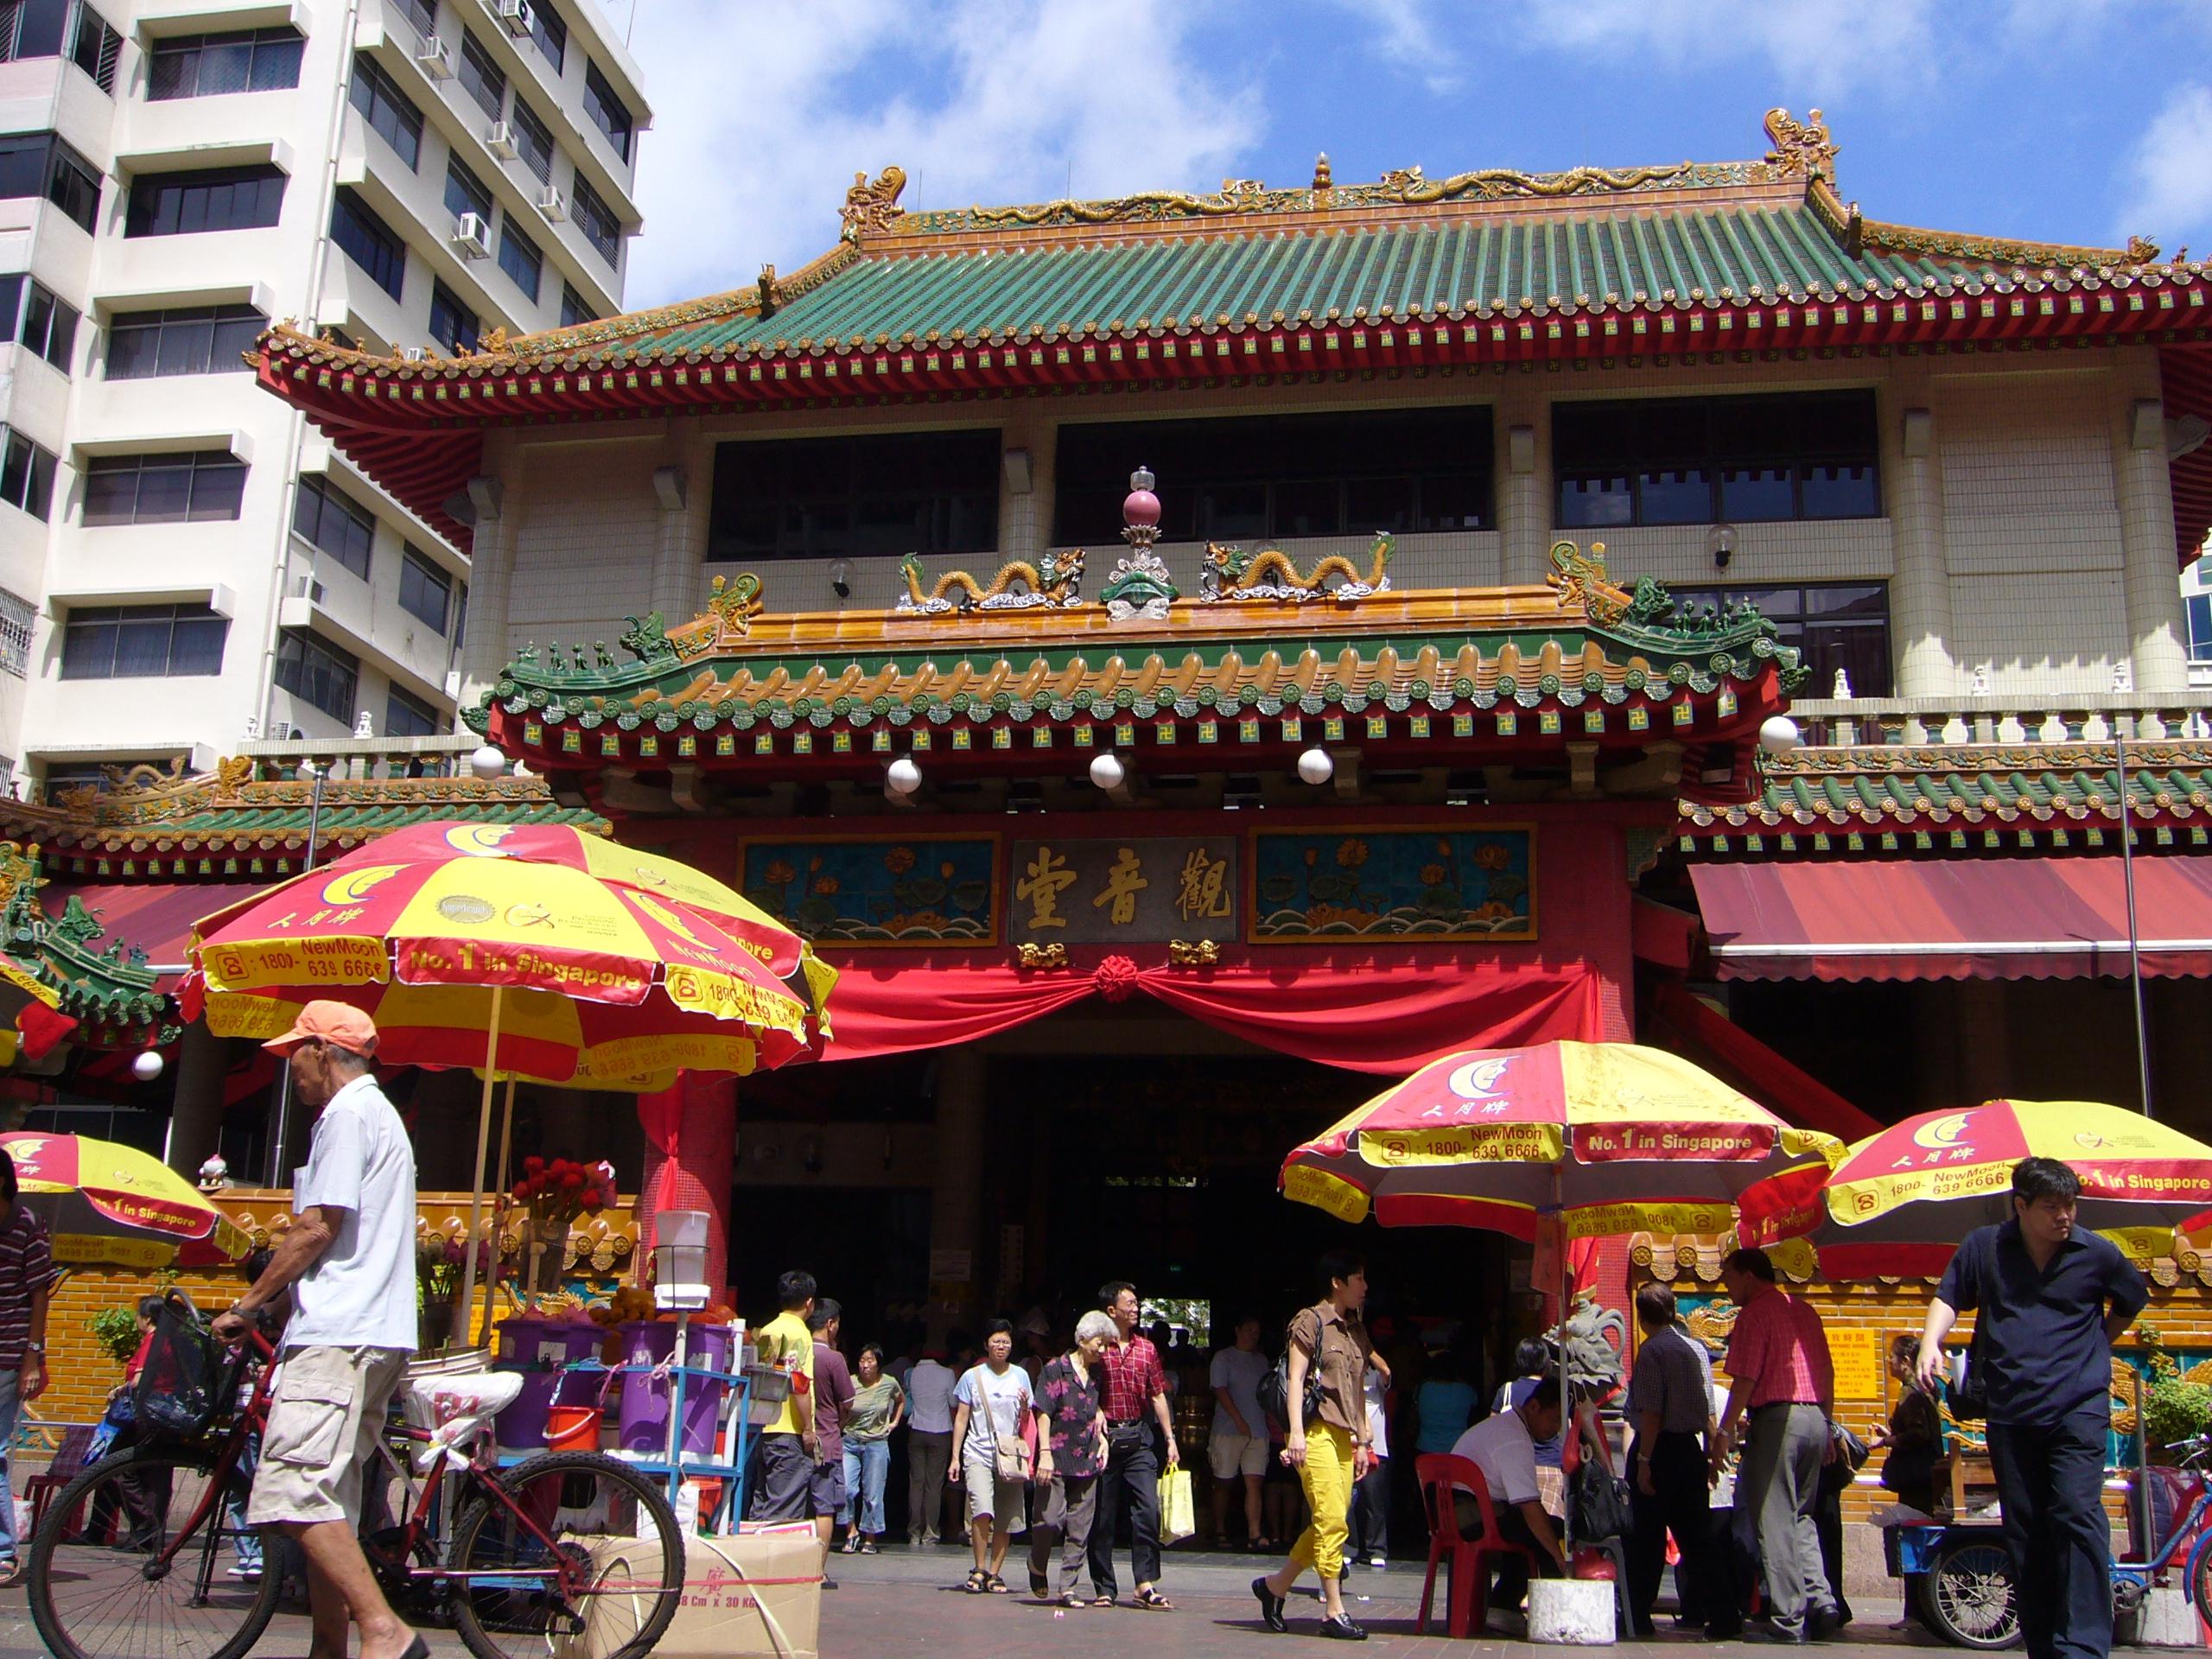 シンガポール最古の仏教寺院「観音堂」